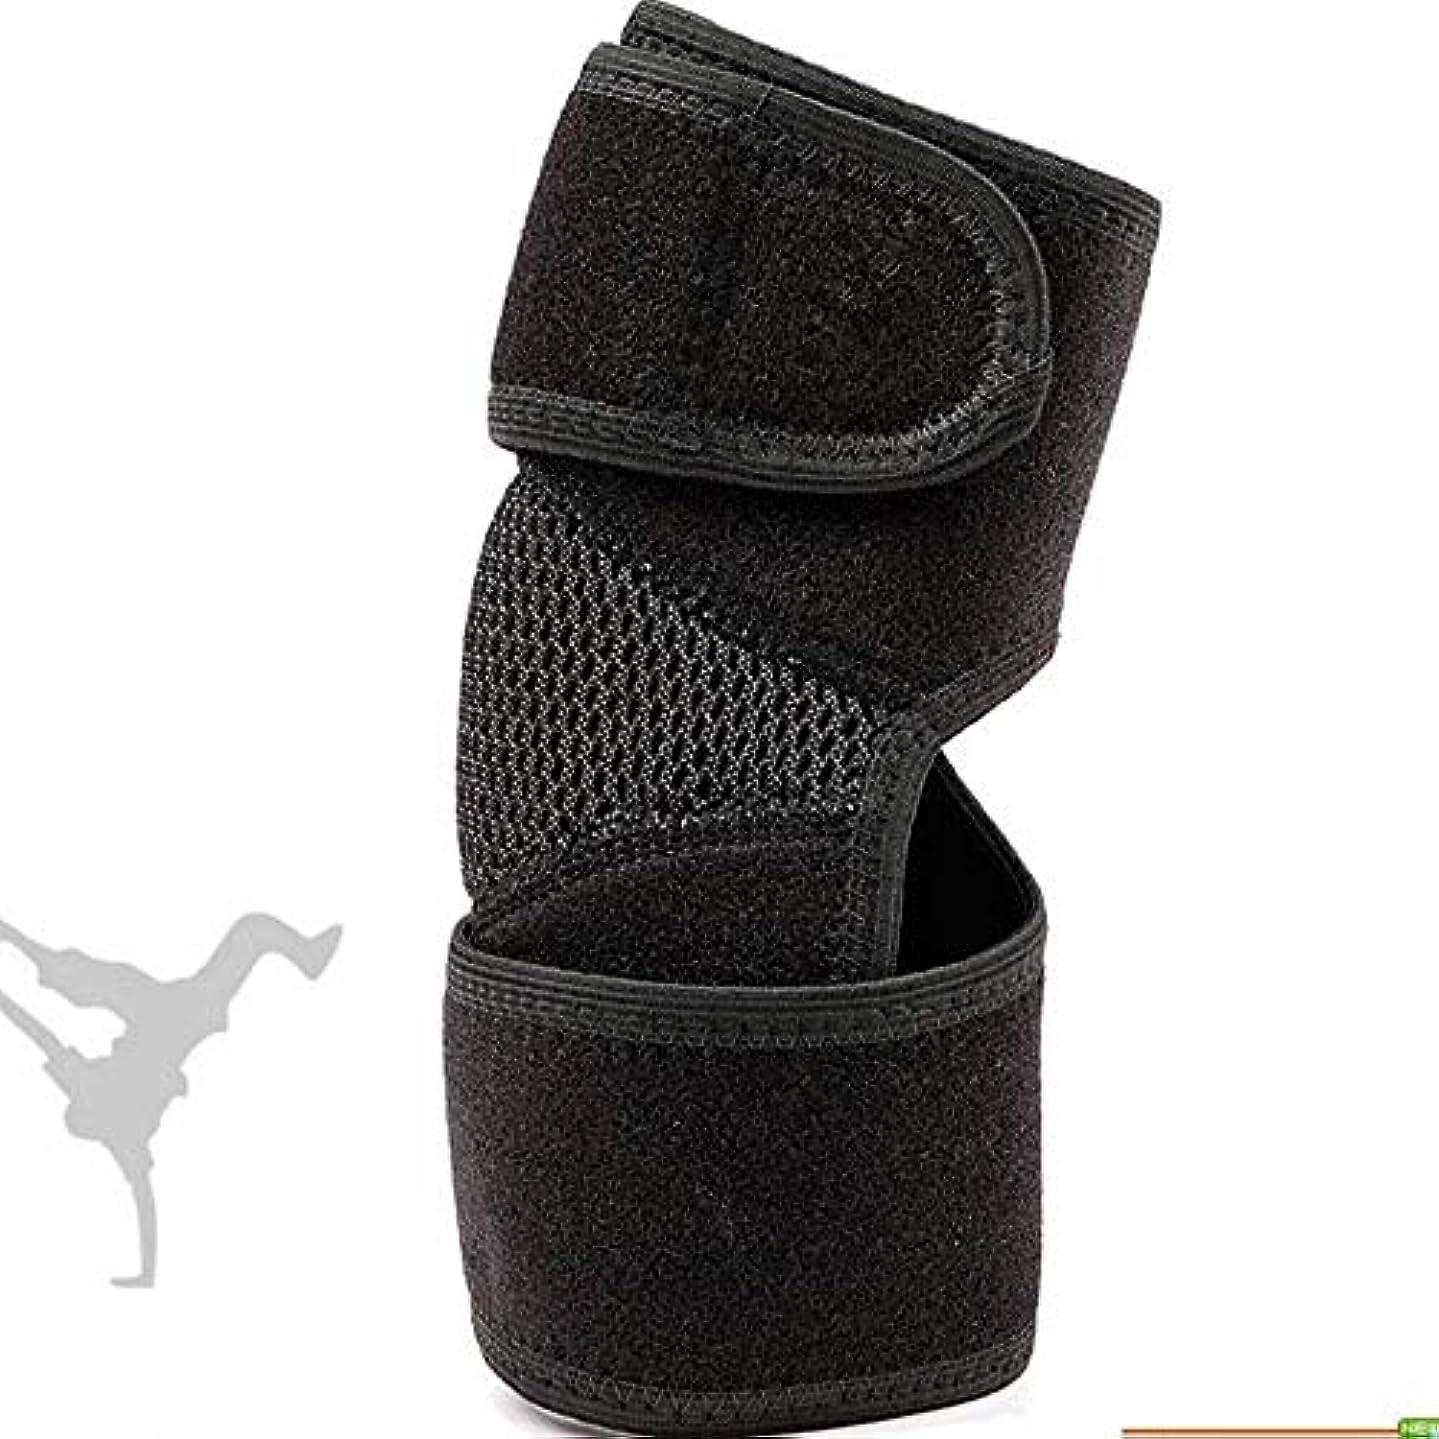 記念ラッシュ接辞調節可能な 腕陸上競技の保護者のスポーツ保護するクラッシュ耐性の弾力性エルボーブレースランスポーツマンディフェンダー - ブラック